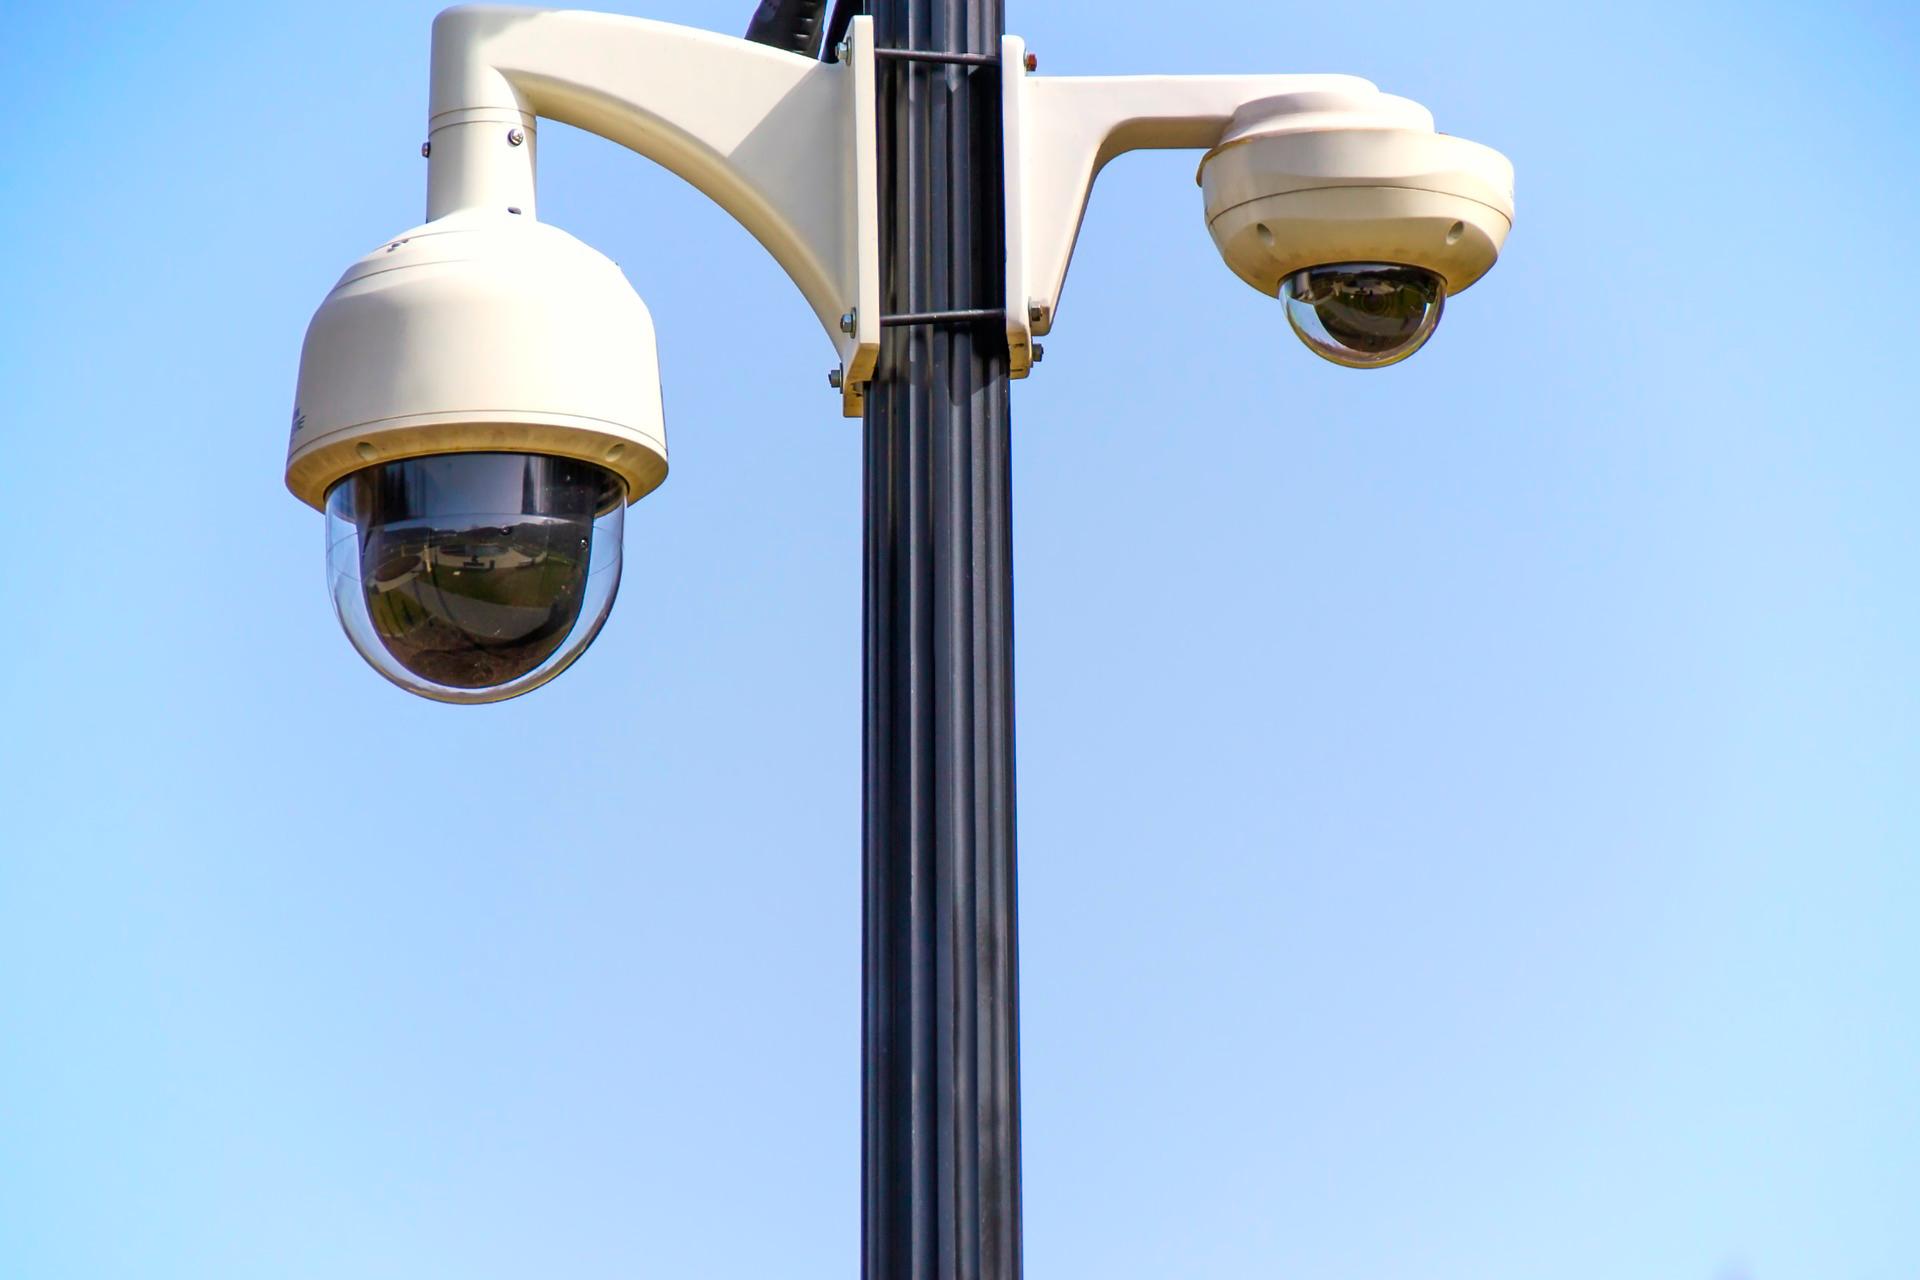 Vila Velha vai adquirir 200 novas câmeras de segurança para a cidade